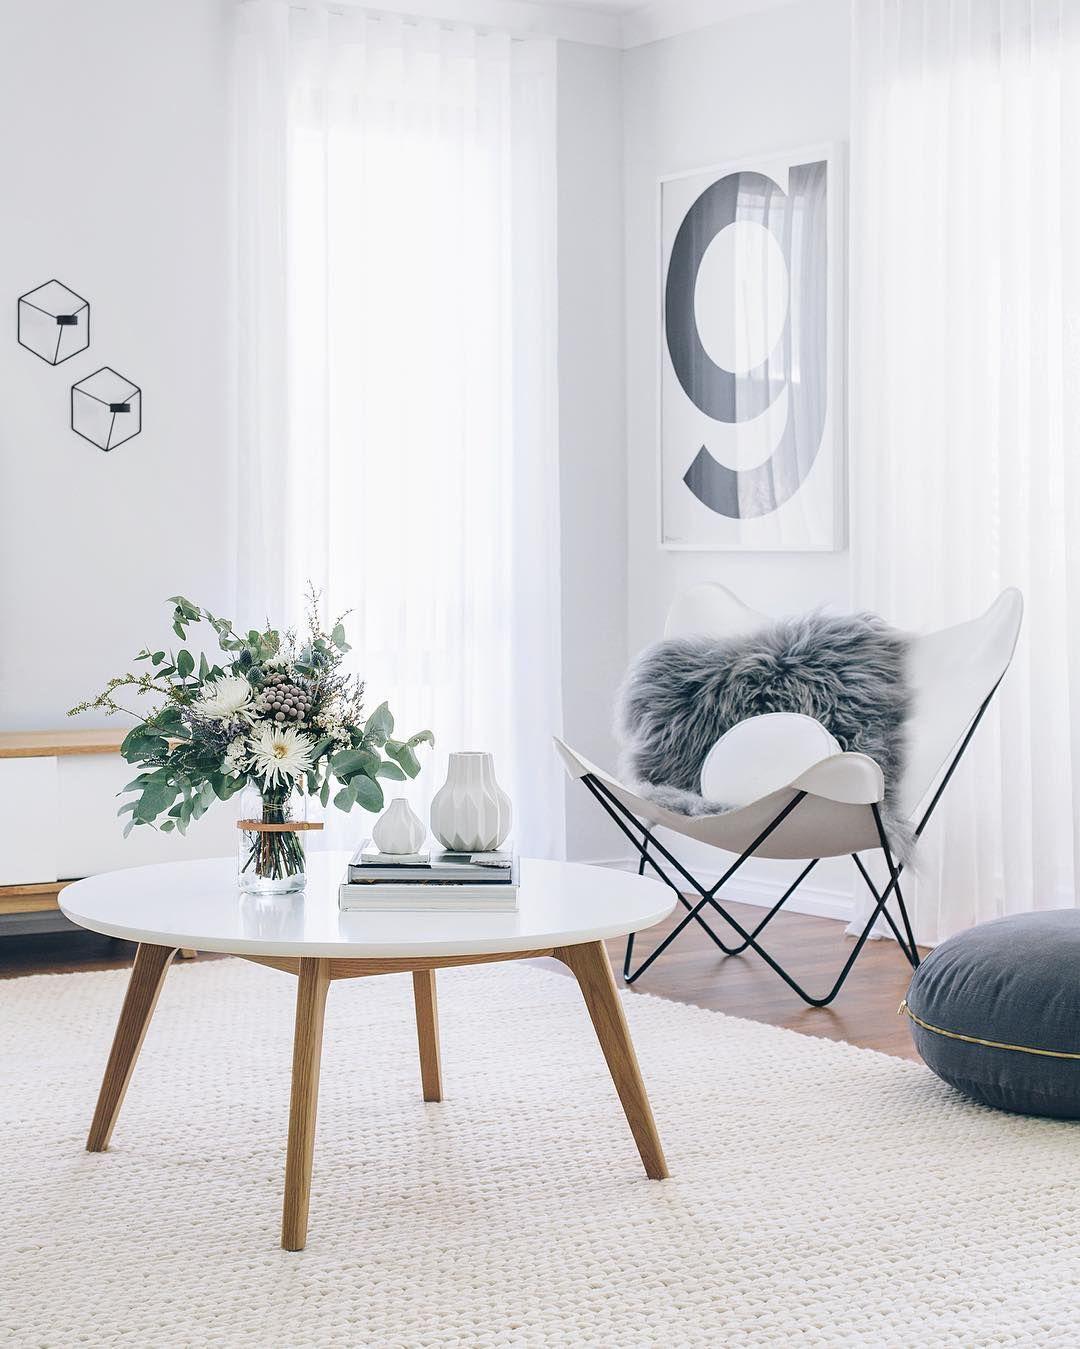 pin von helen josy auf wohnen pinterest wohnzimmer wohnen und haus. Black Bedroom Furniture Sets. Home Design Ideas